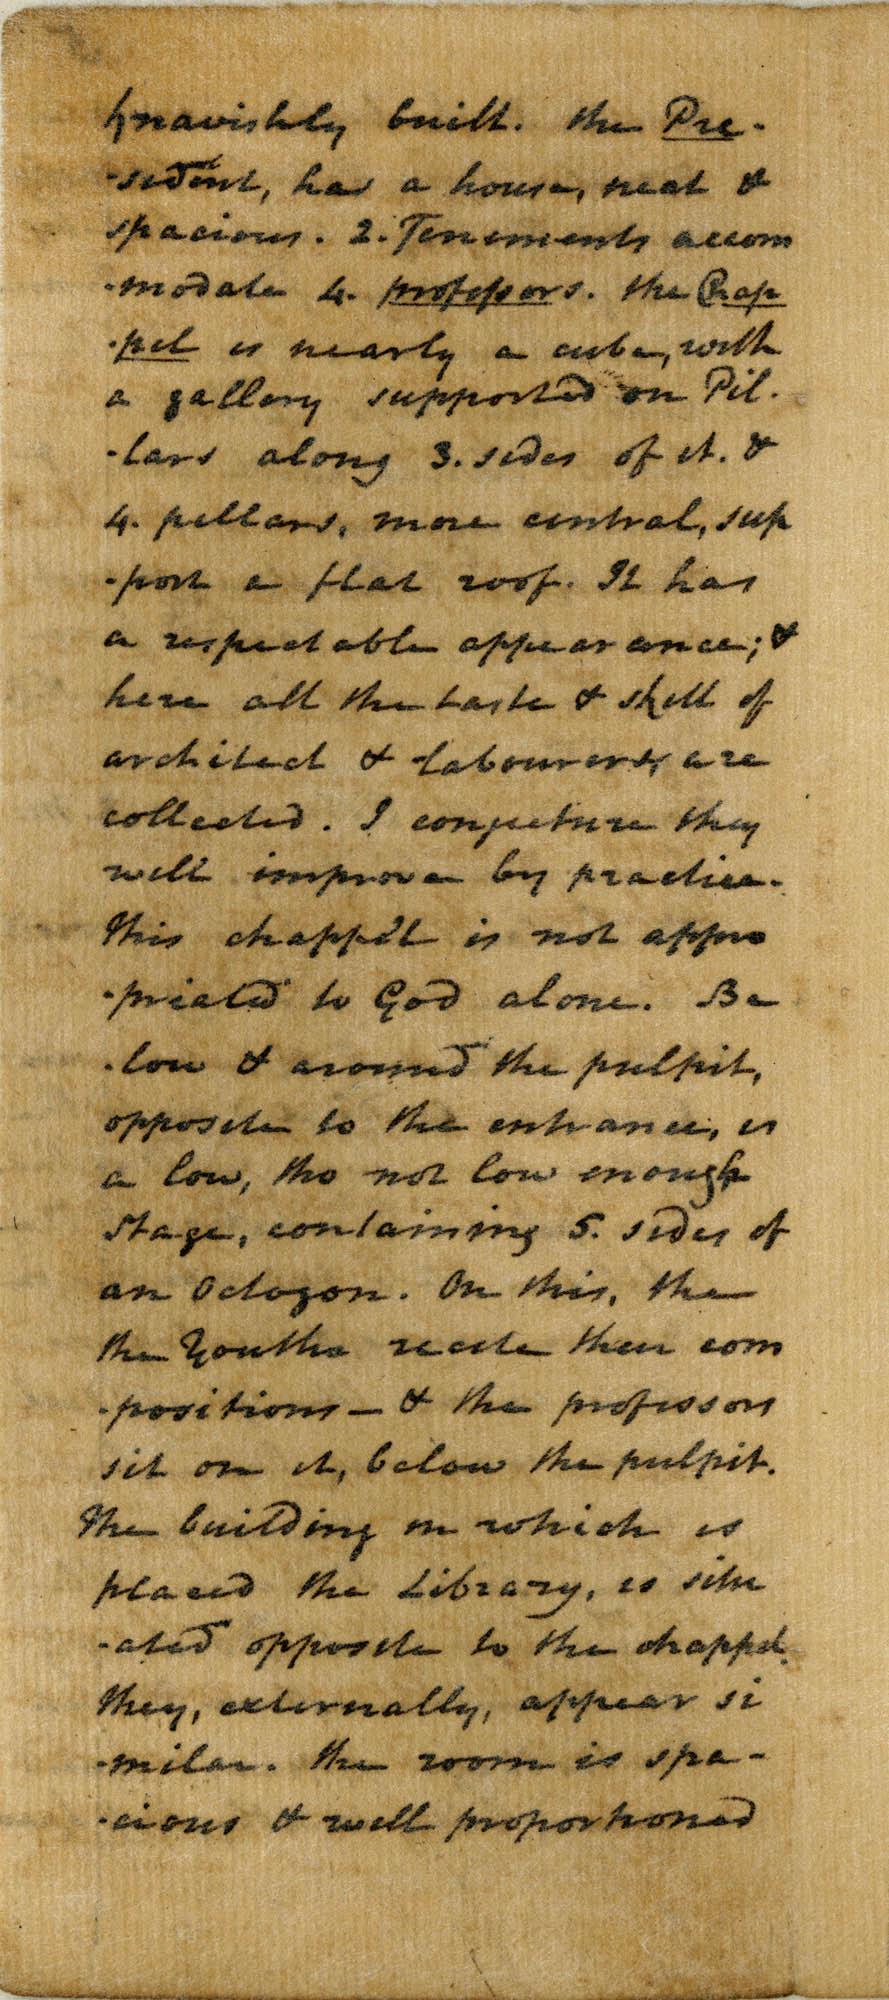 Diary of Charles Drayton, 1814 page 6